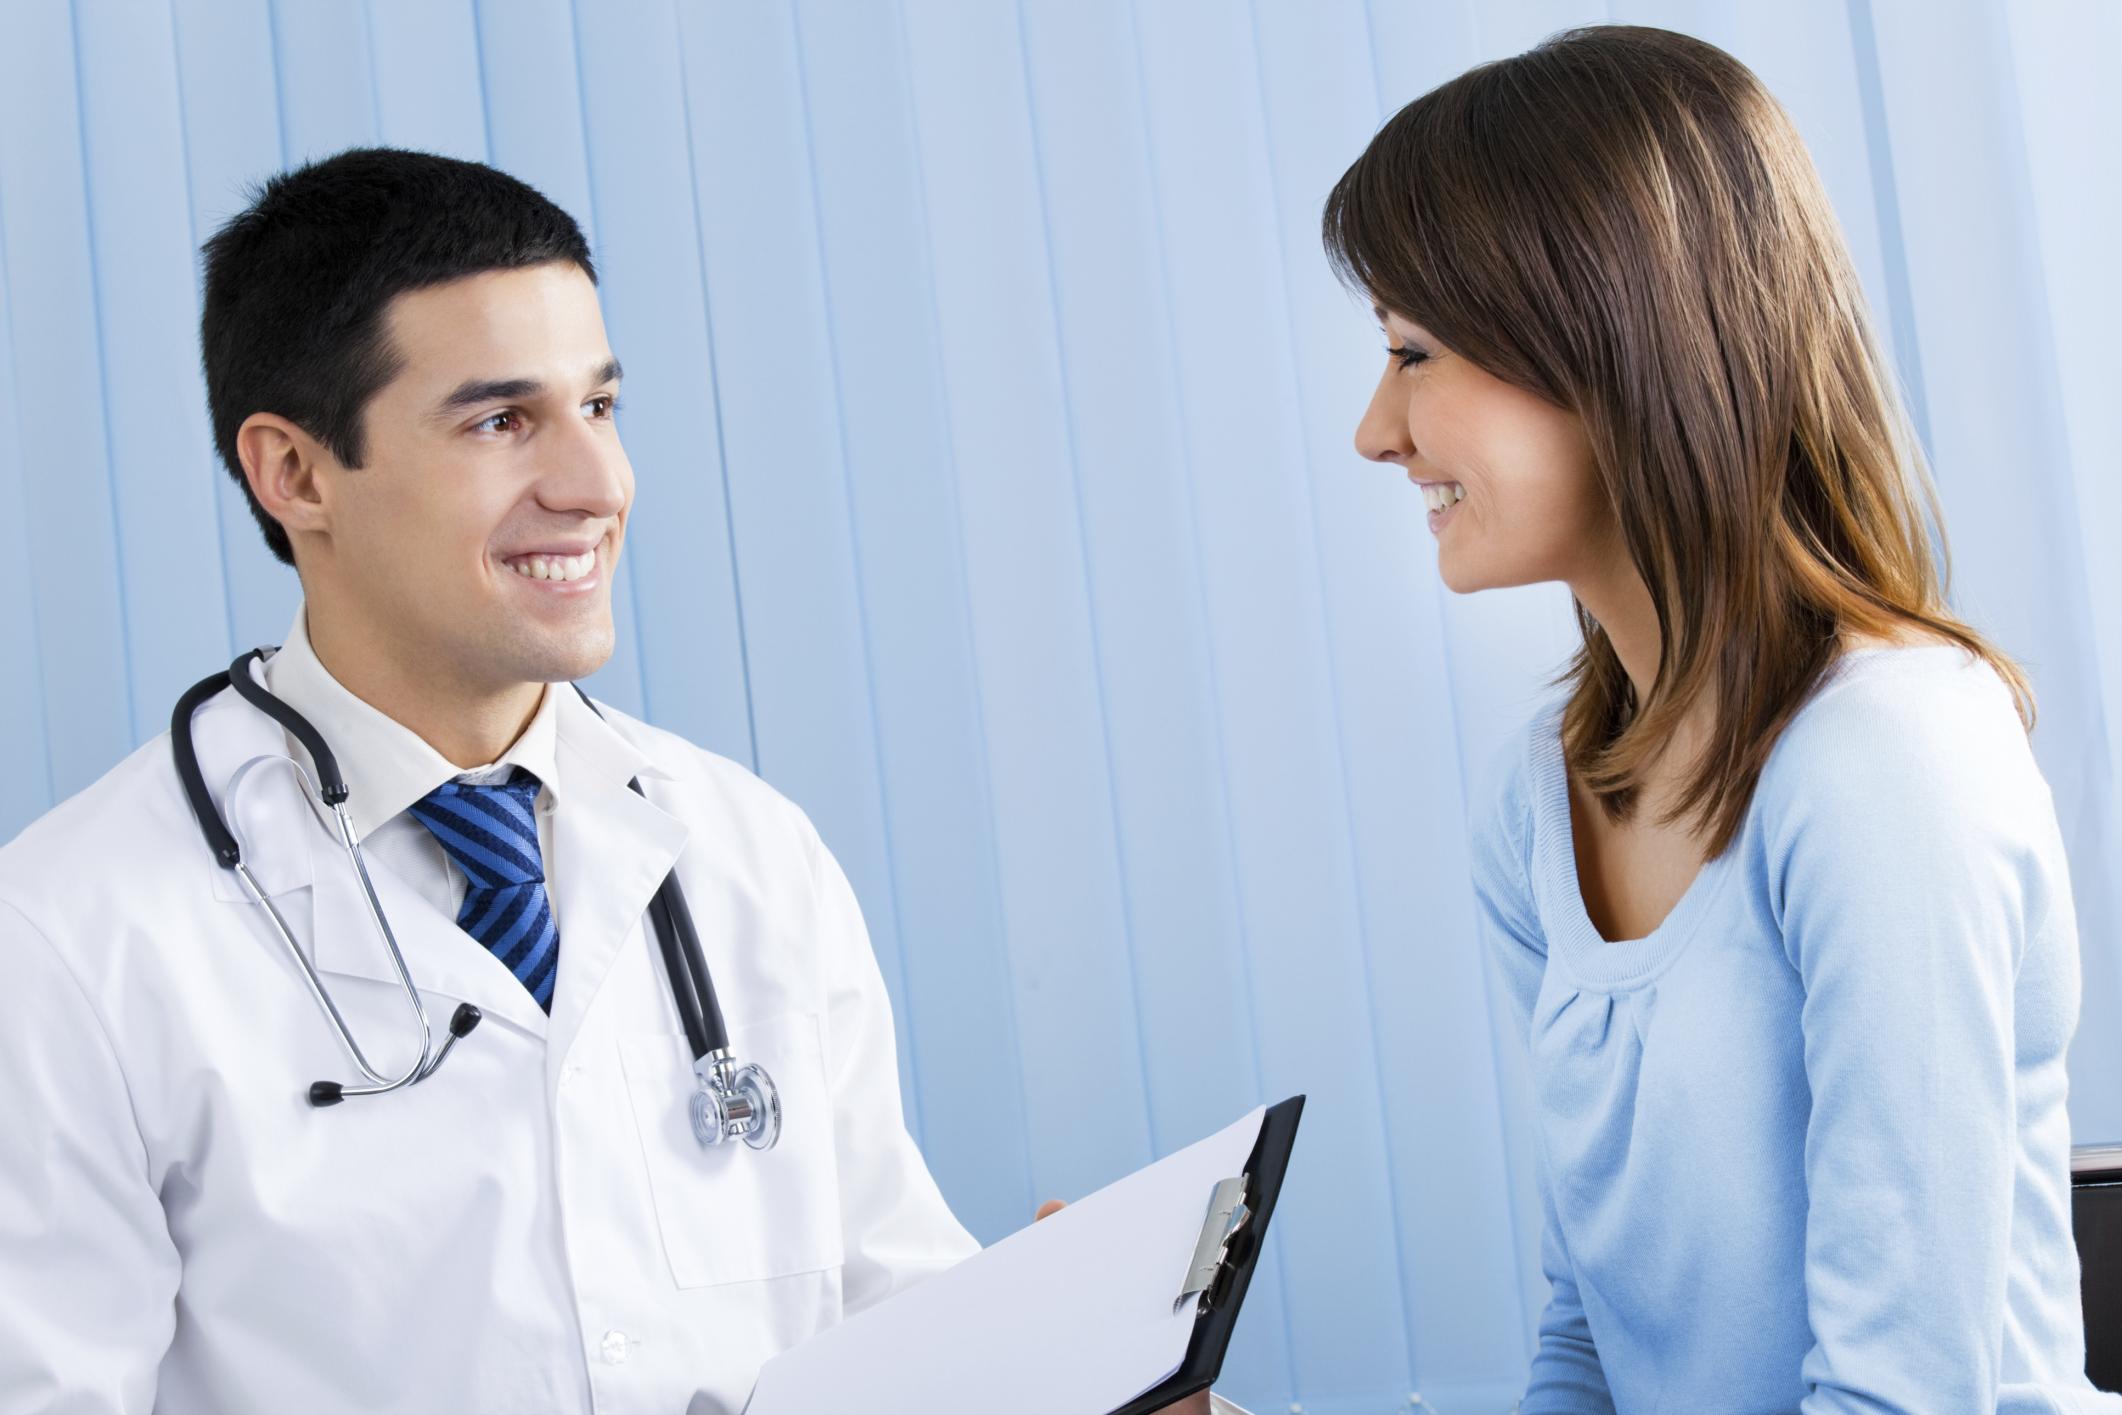 پزشک کیست و چه کاری انجام می دهد؟